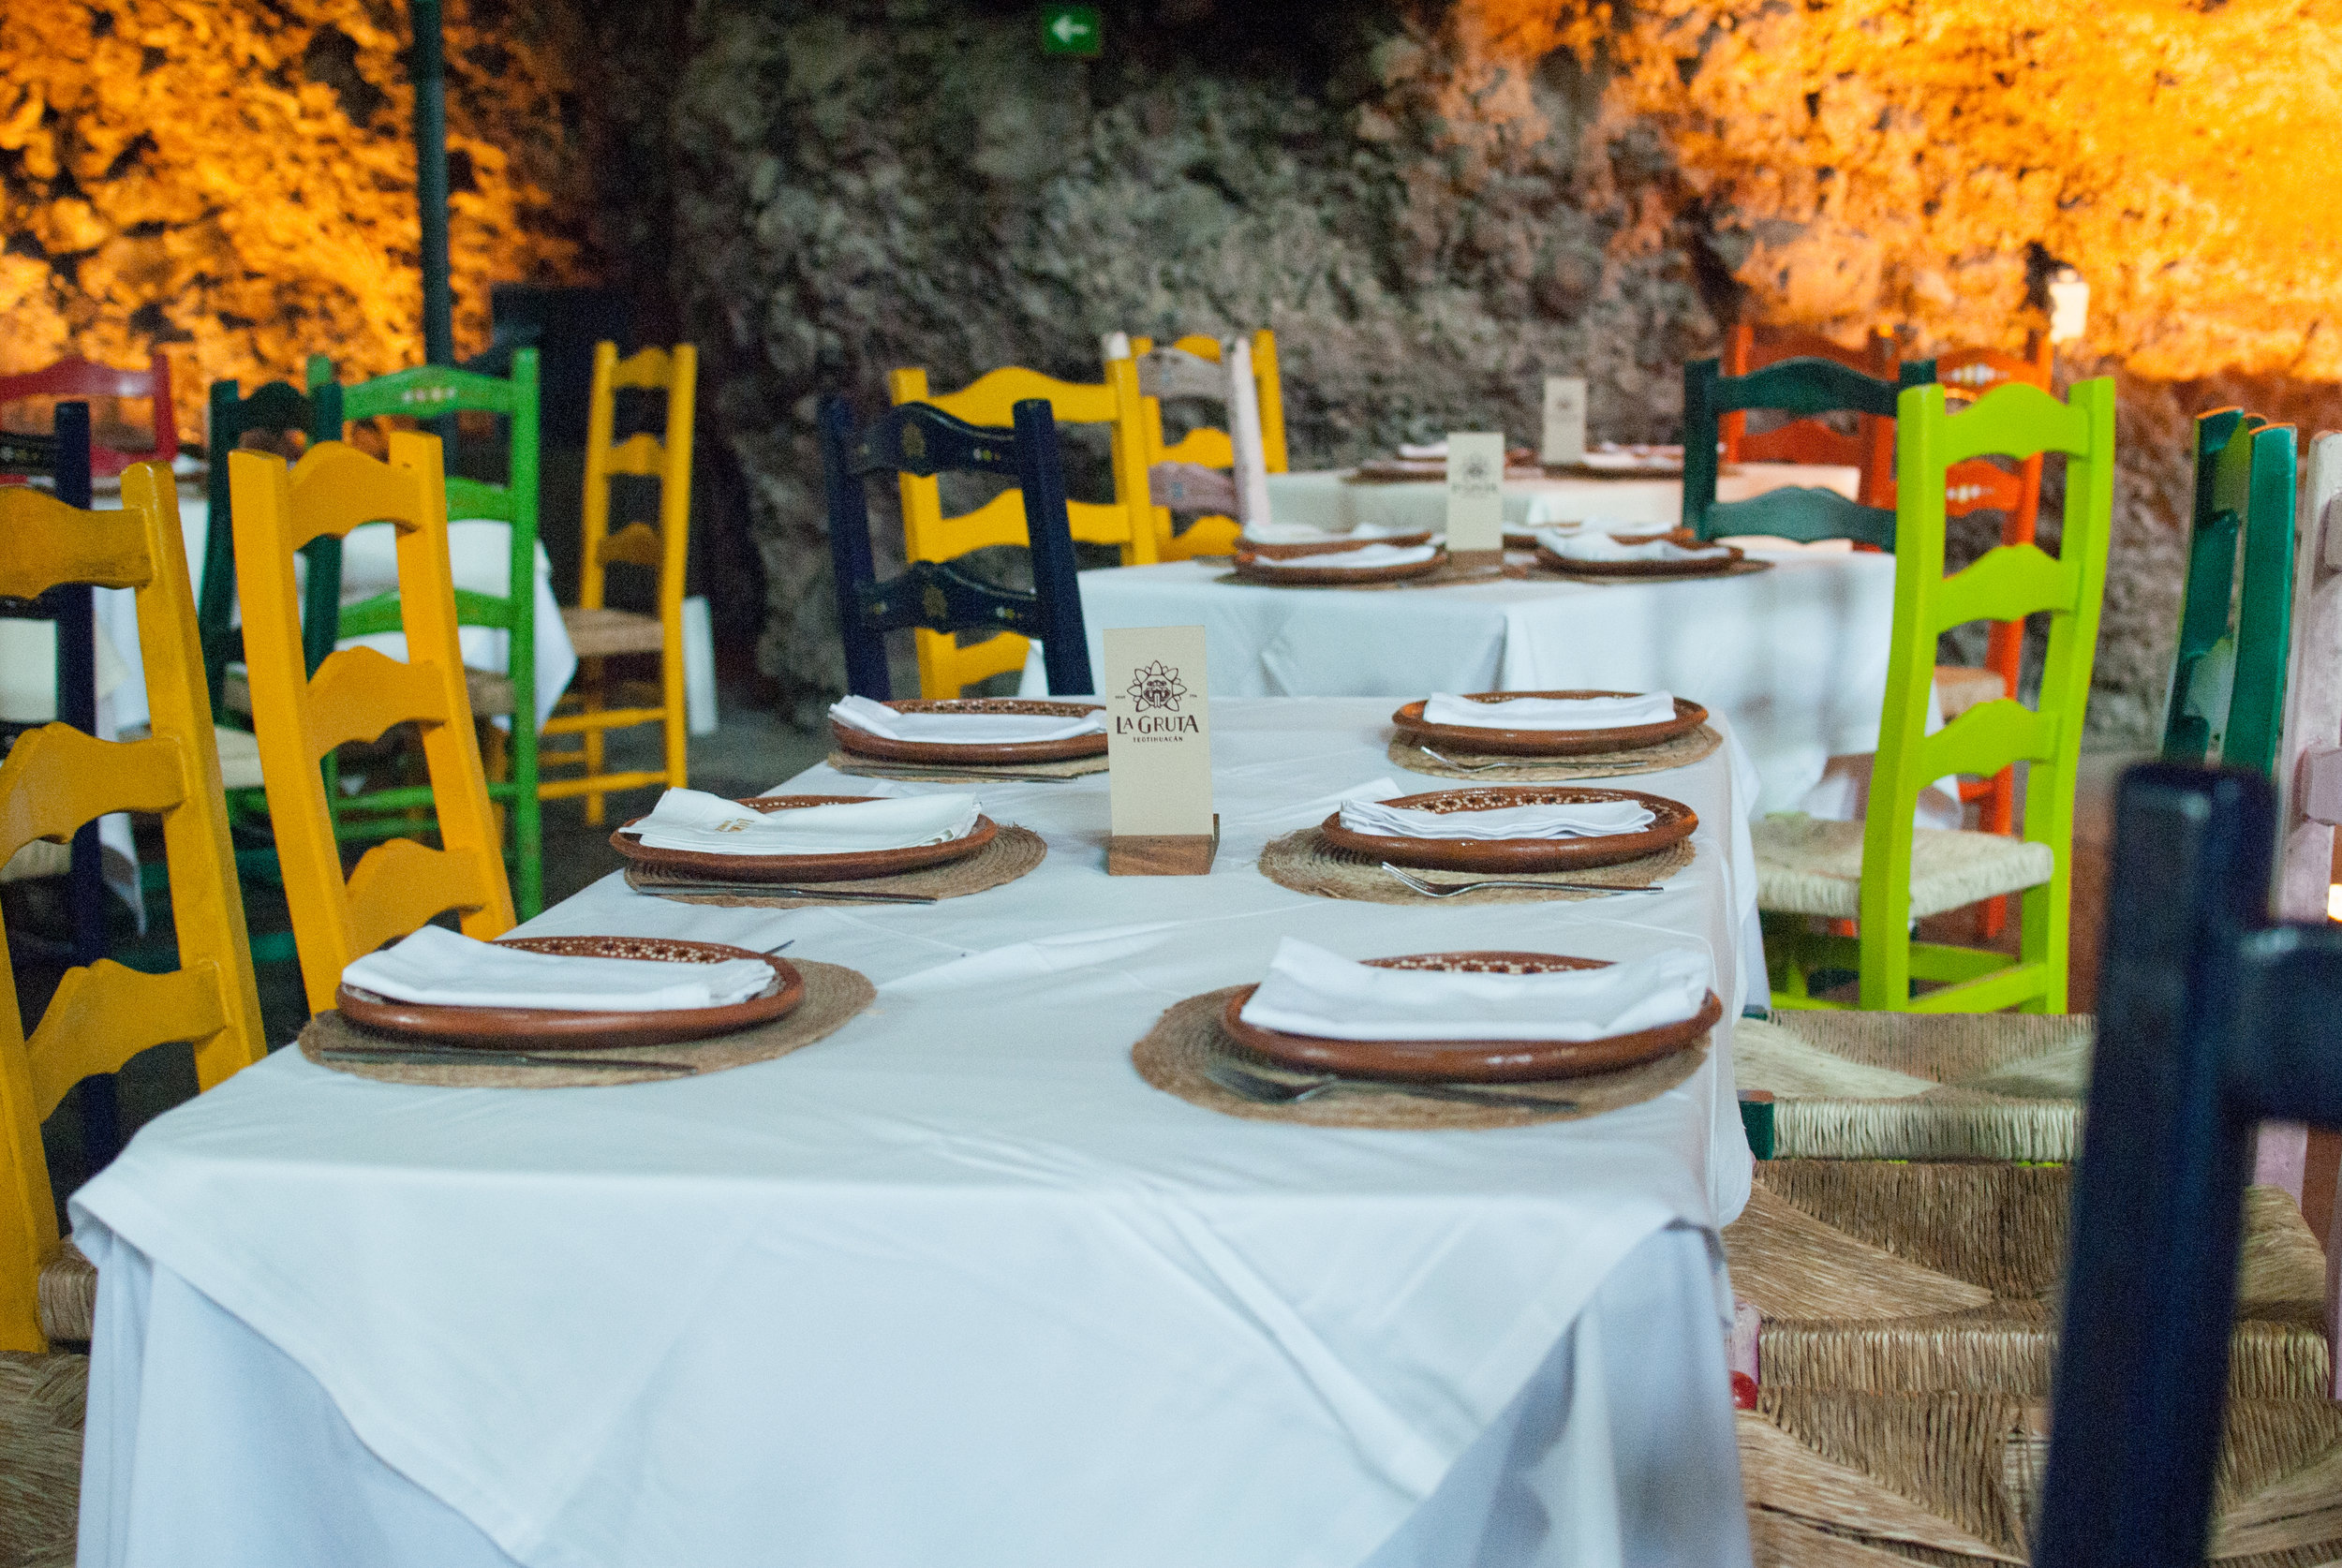 la gruta restaurant, mexico